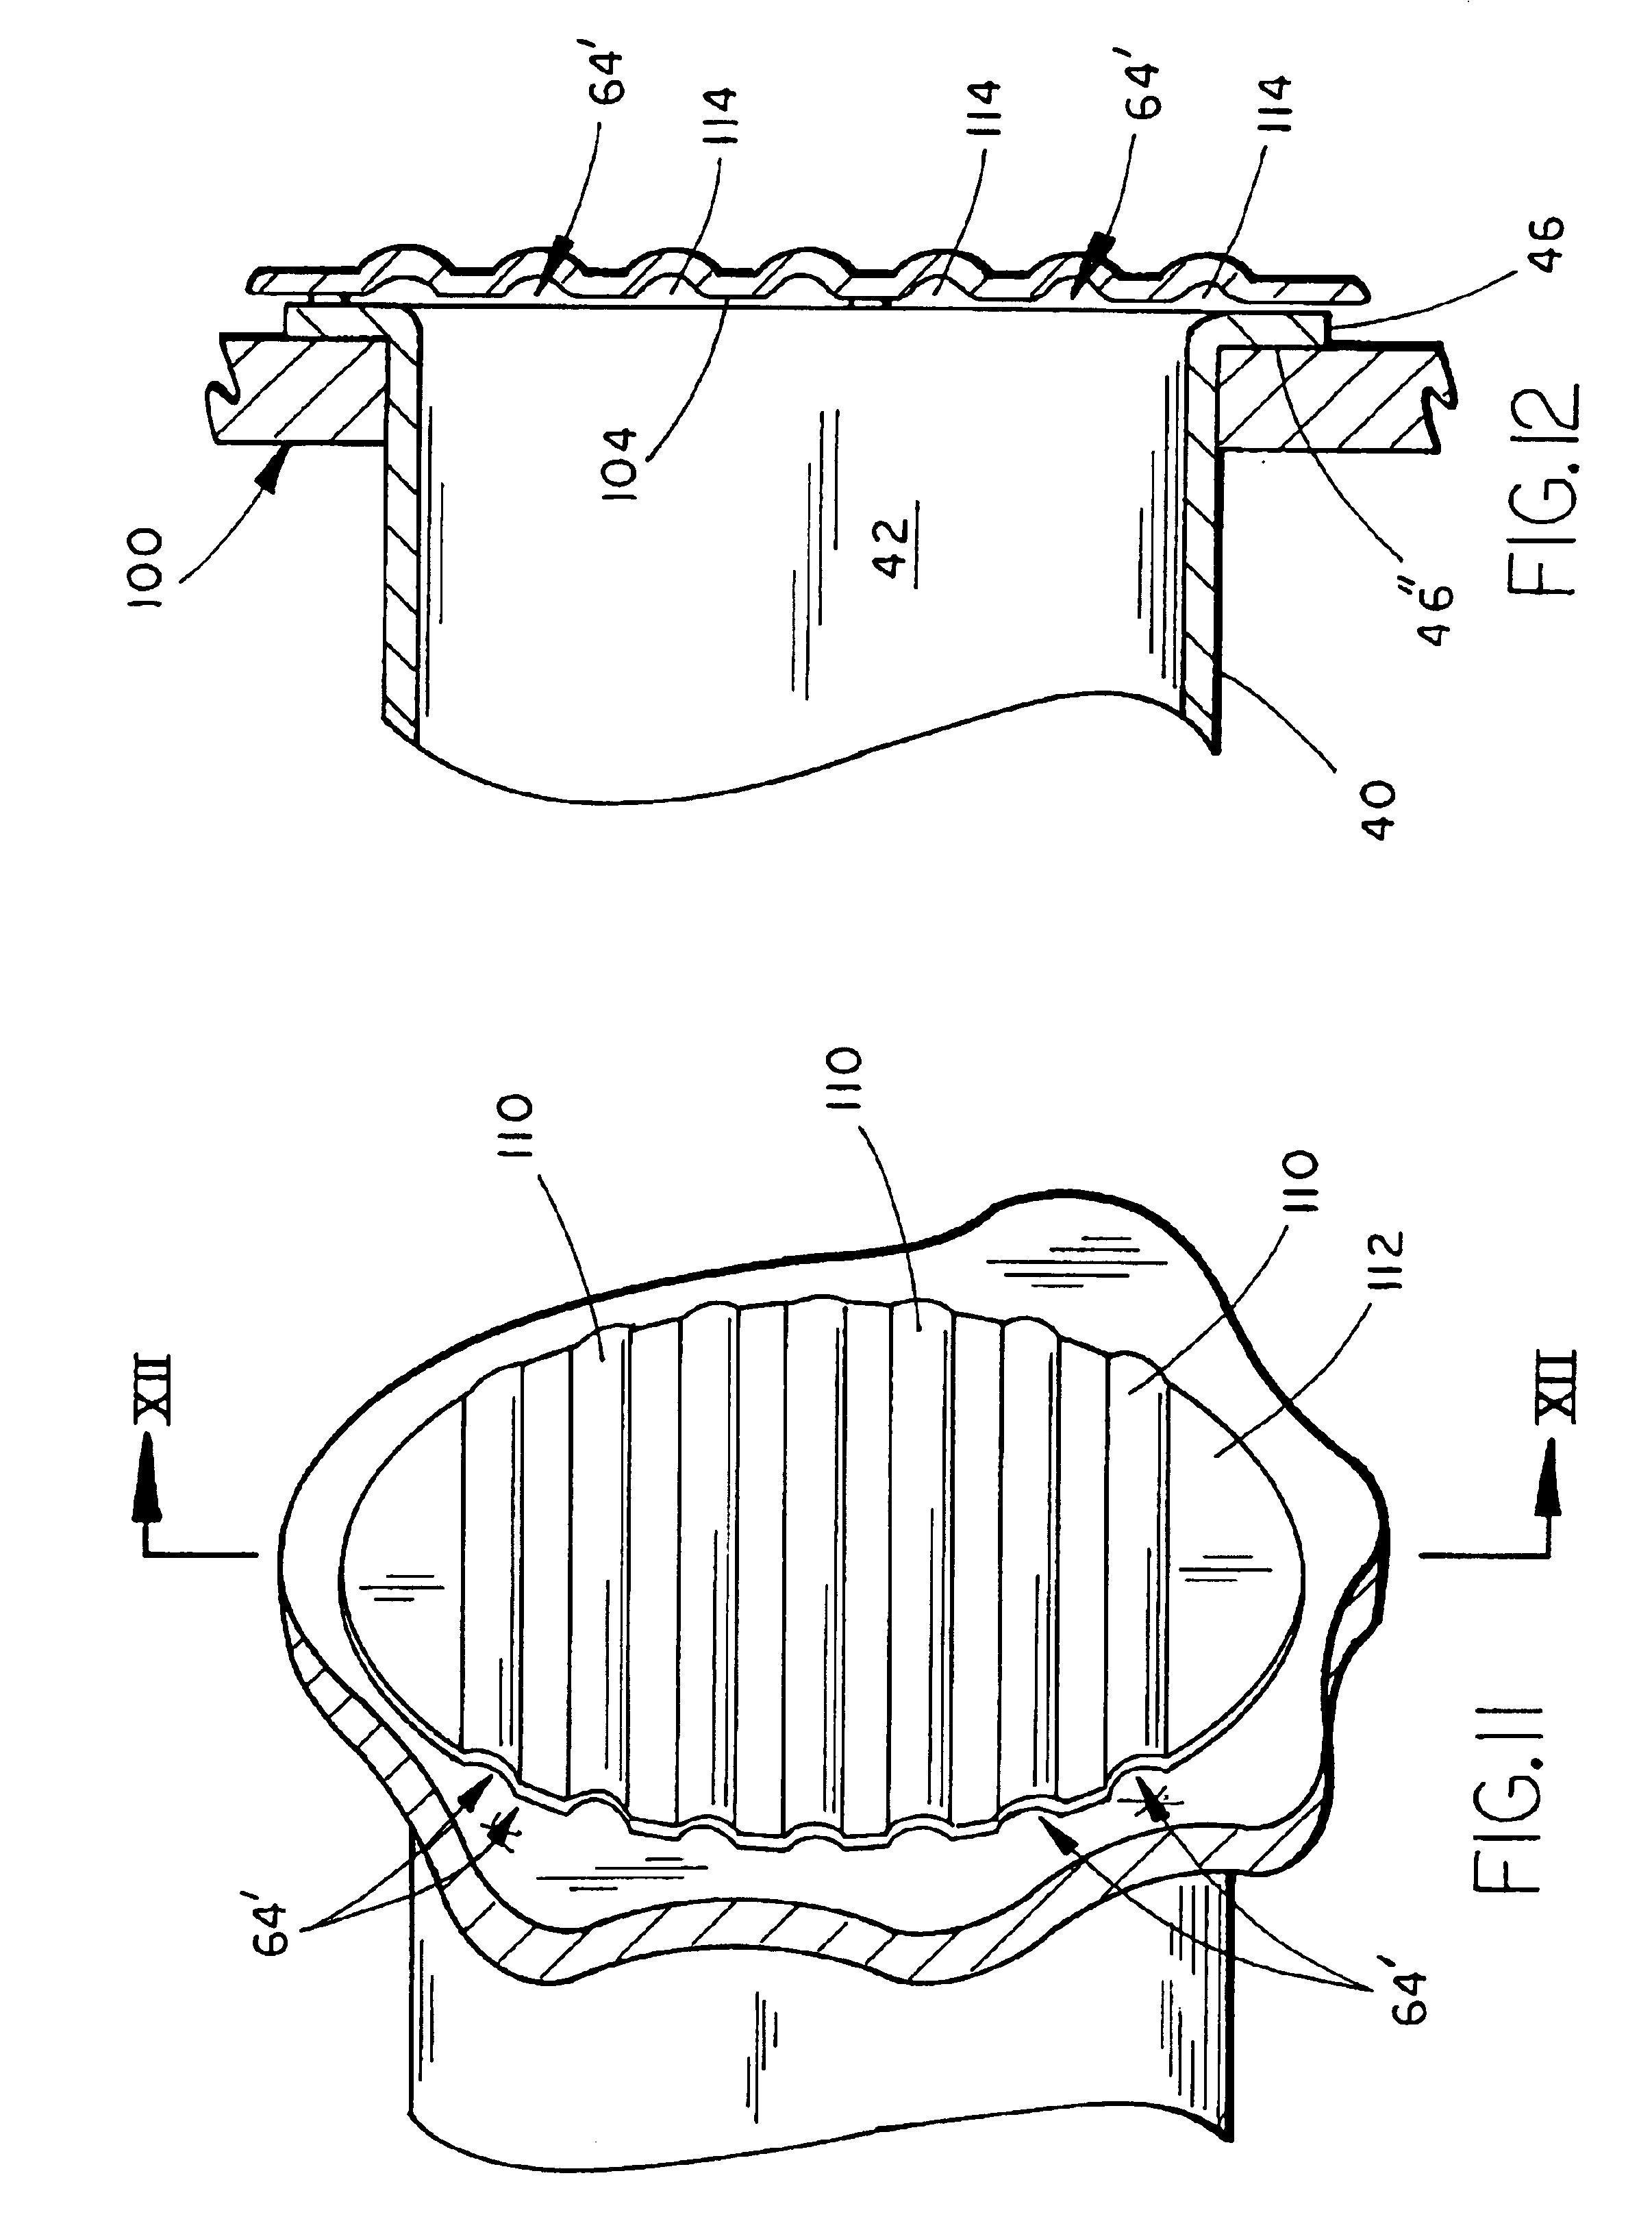 patent us6805203